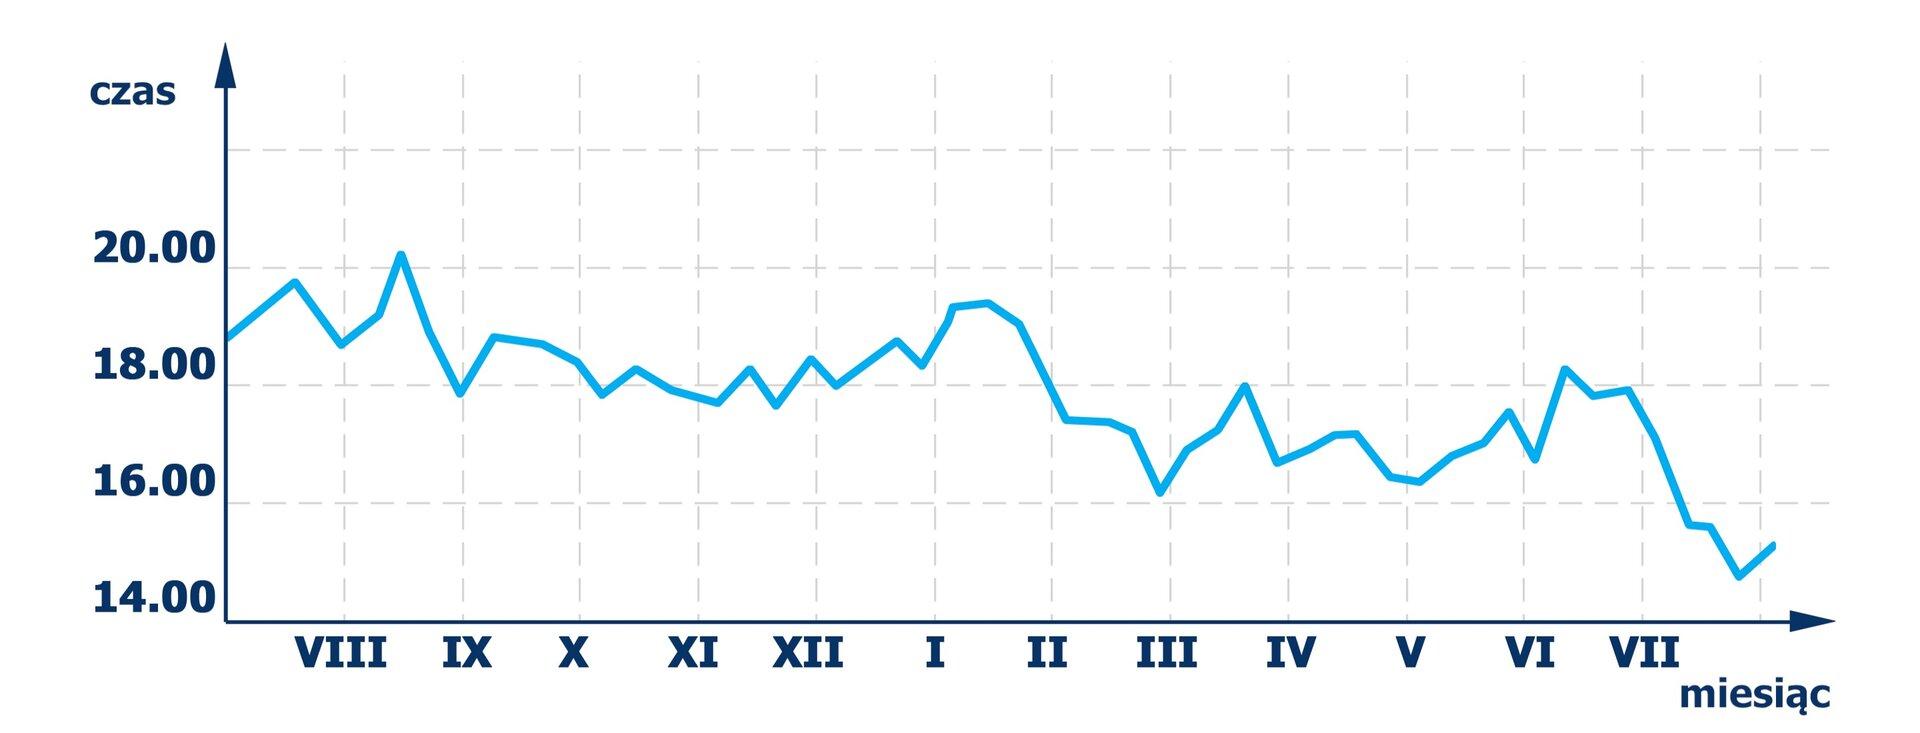 Wykres pokazuje notowania giełdowe prowadzone ogodzinach 14.00, 16.00, 18.00, 20.00 wokresie od lipca 2013 do lipca 2014.